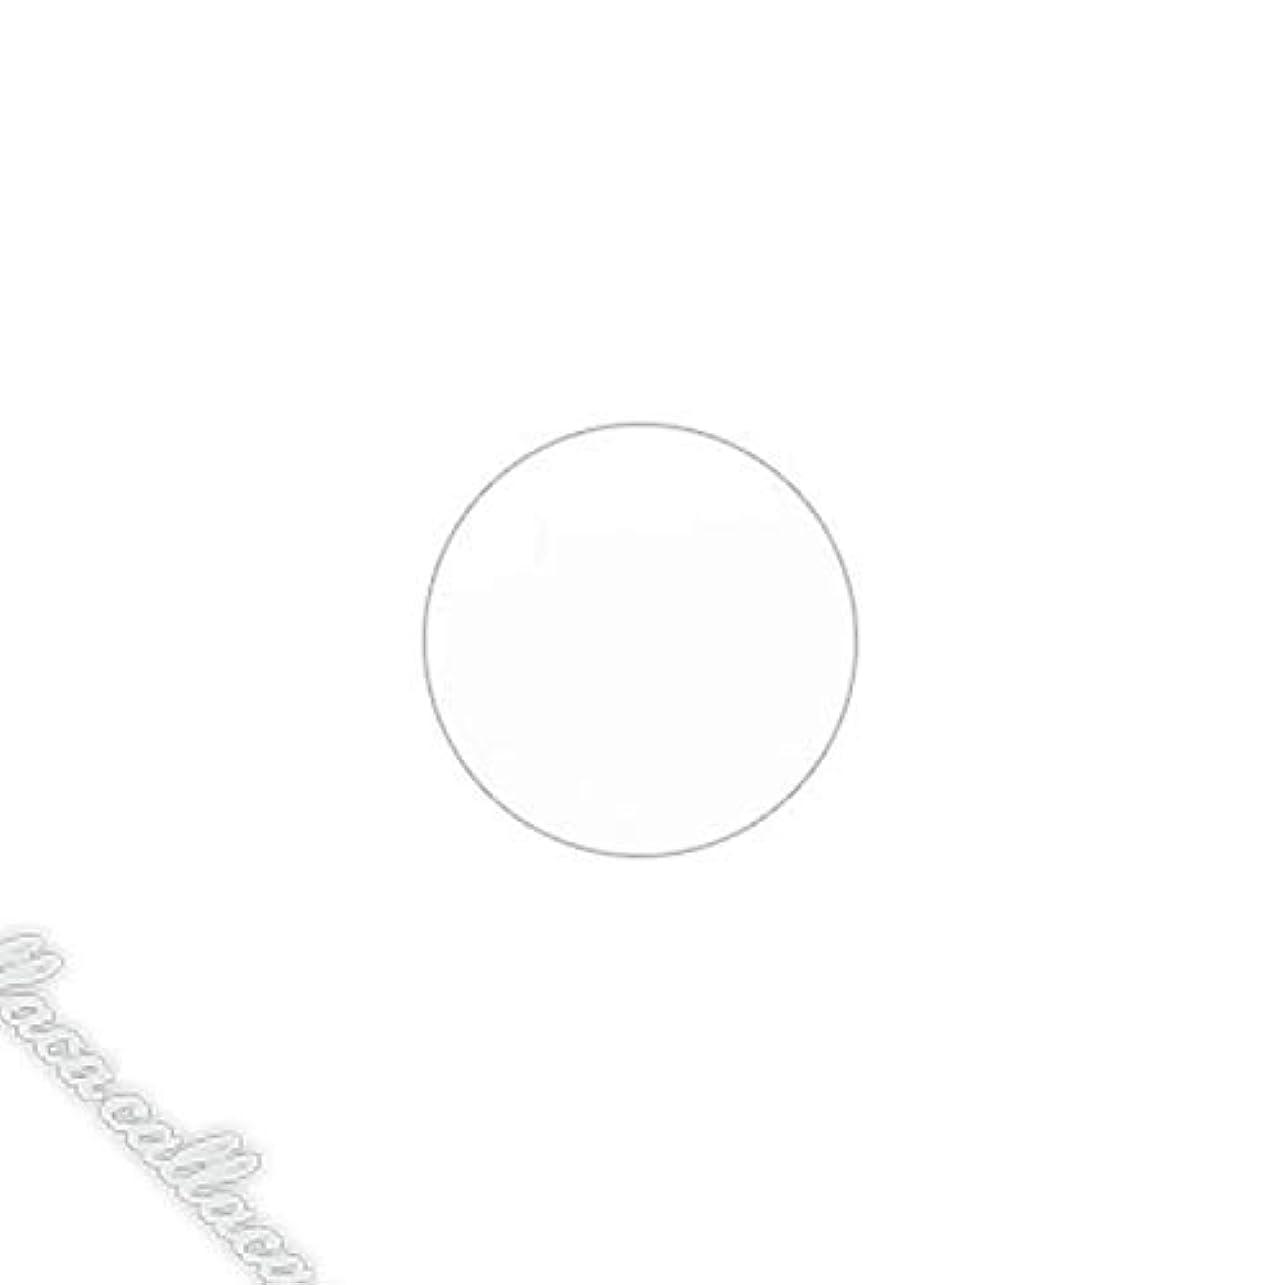 頑丈裏切り者修正するPutiel カラージェル Liner01 ホワイト